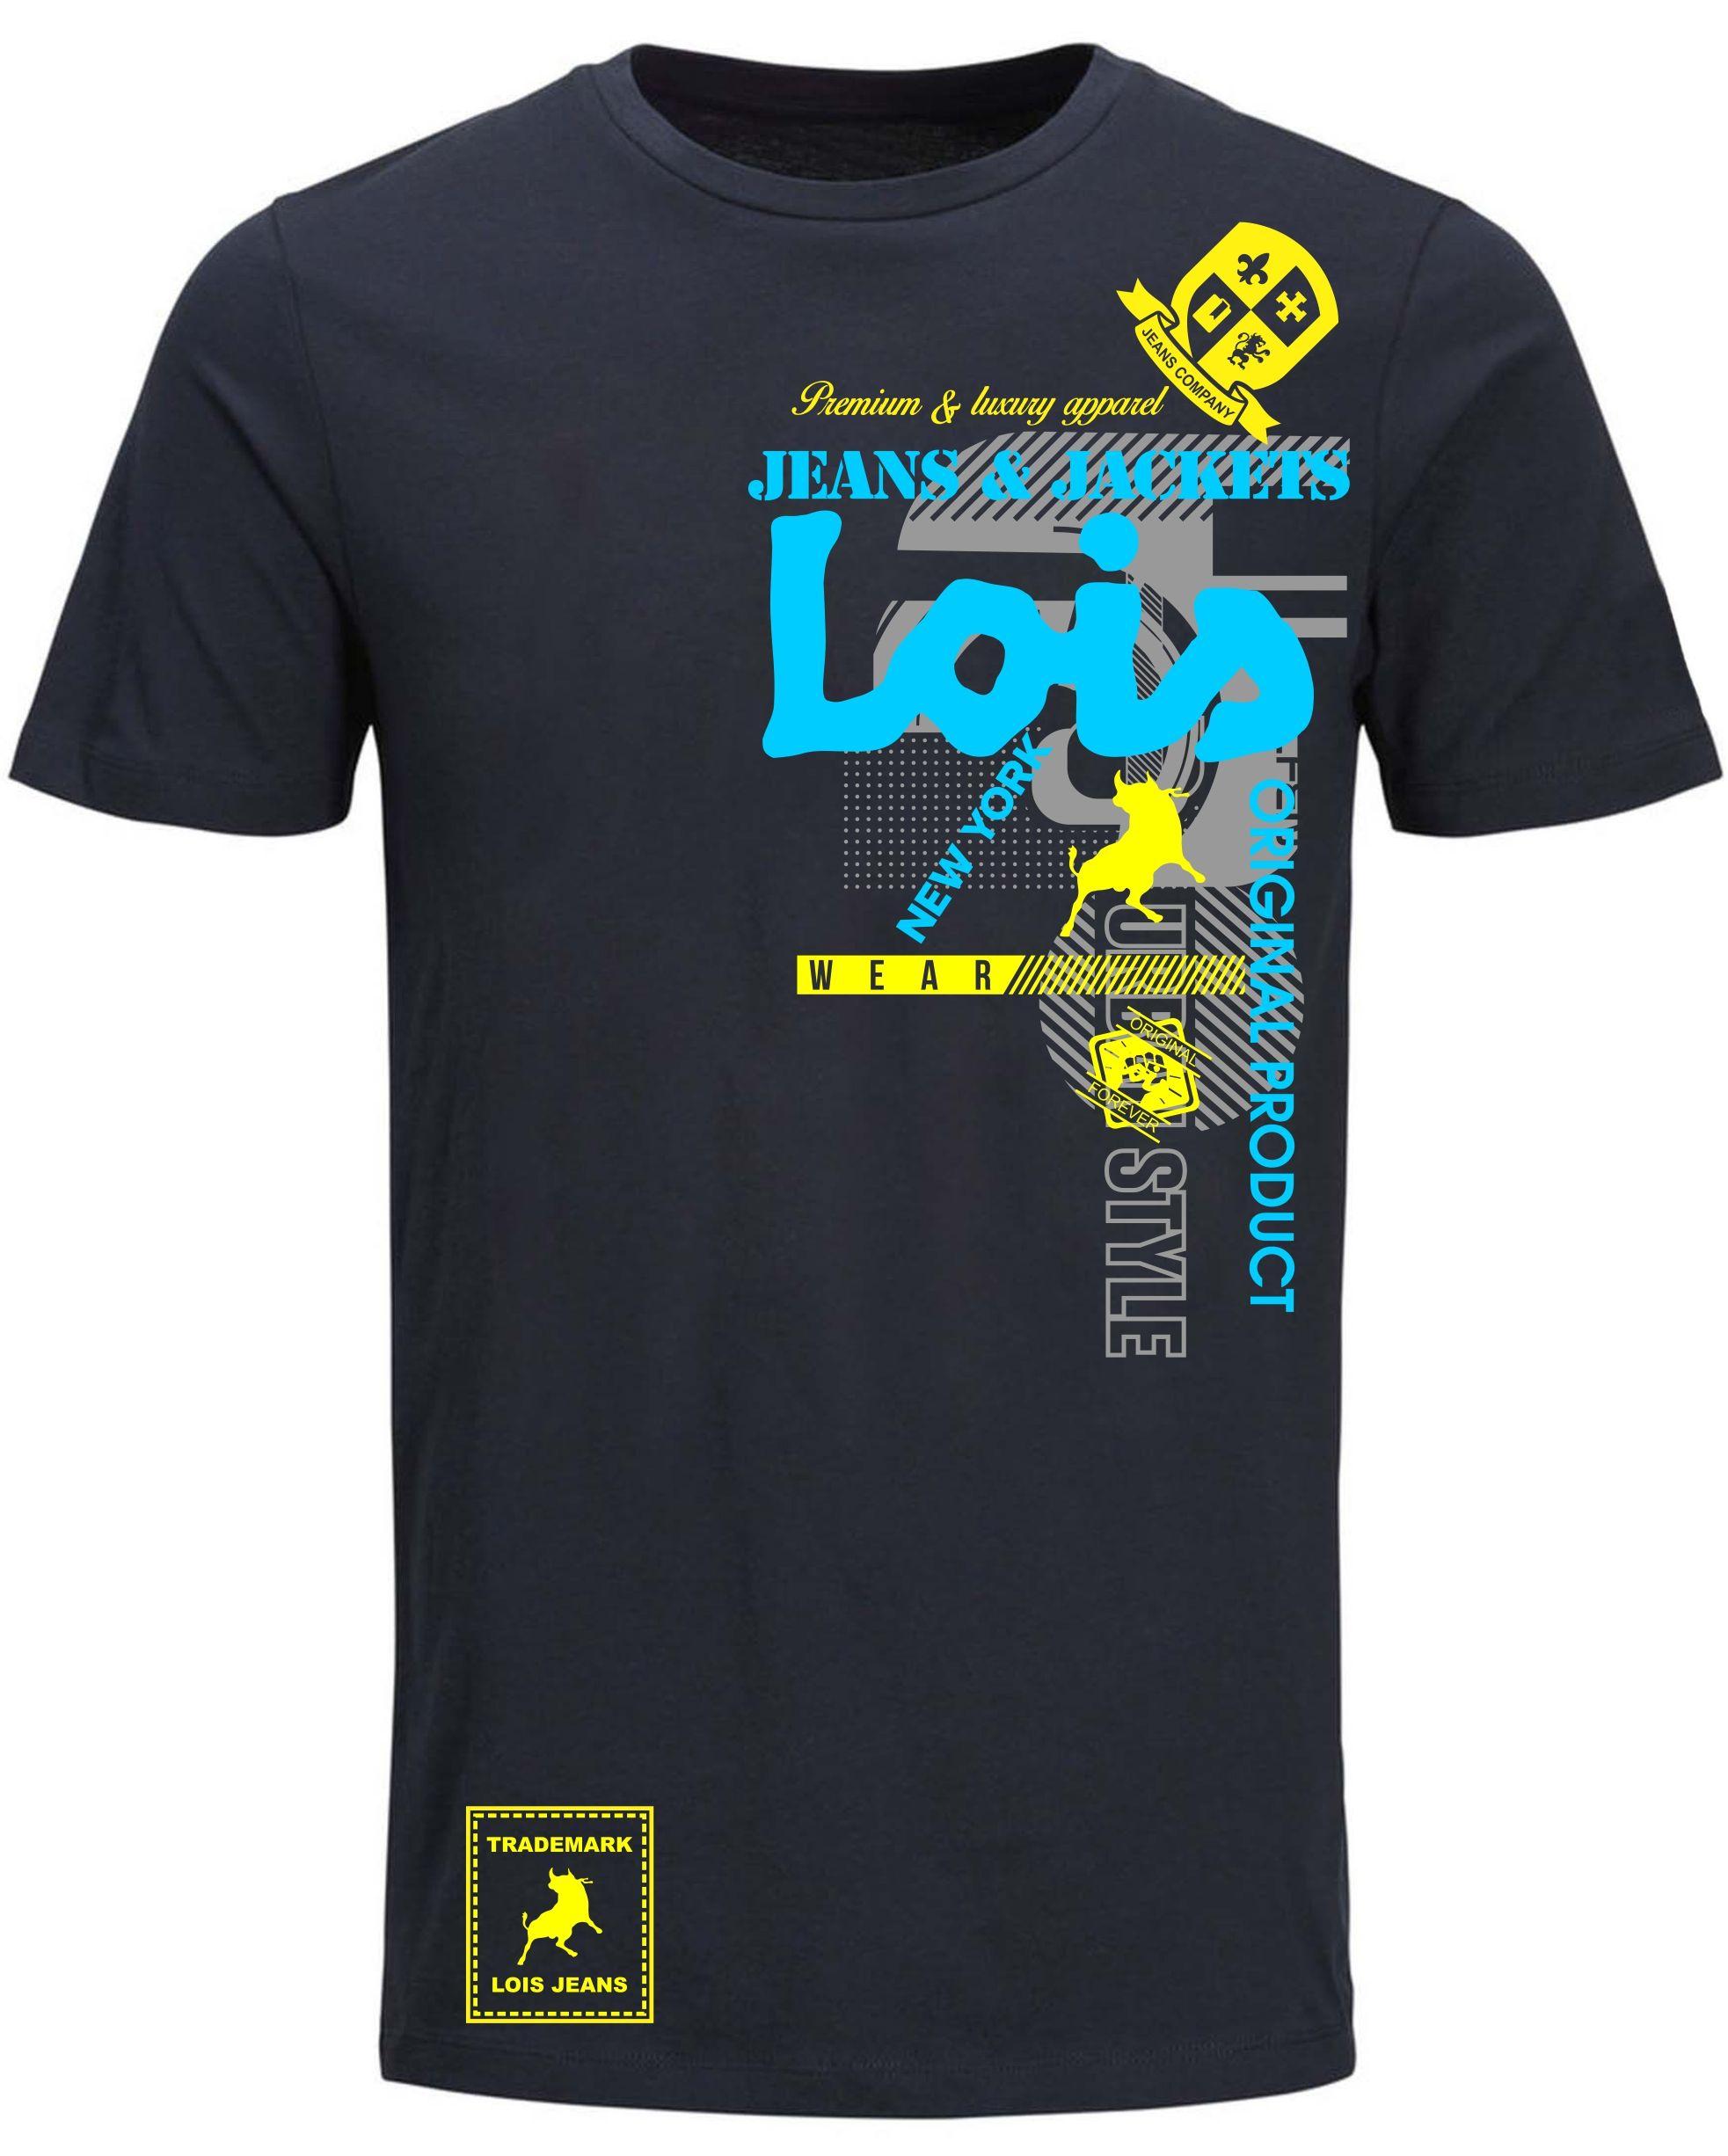 202eac179  levis  lois  nike  adidas  guess  DC  converse  tees  tshirt  fashion   fashion2018  menstees